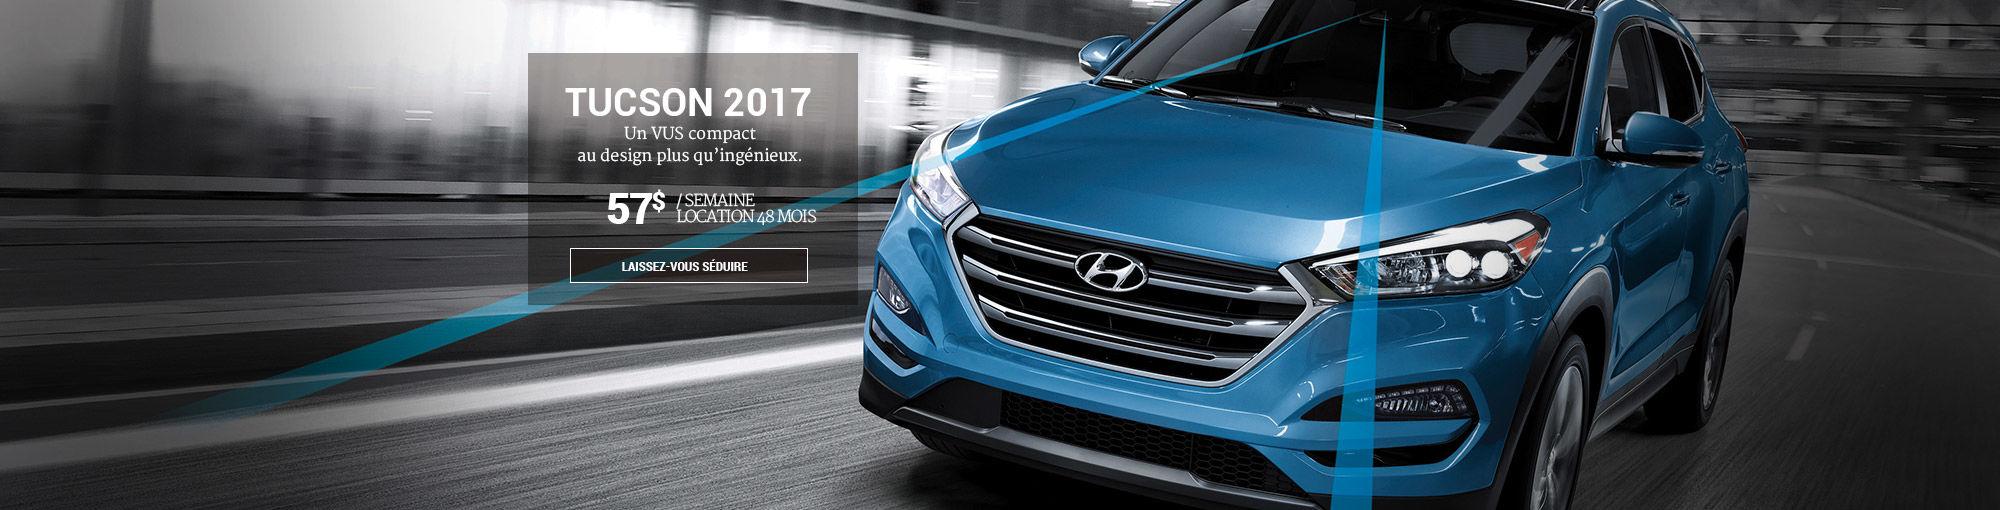 Hyundai Tucson 2017 juin